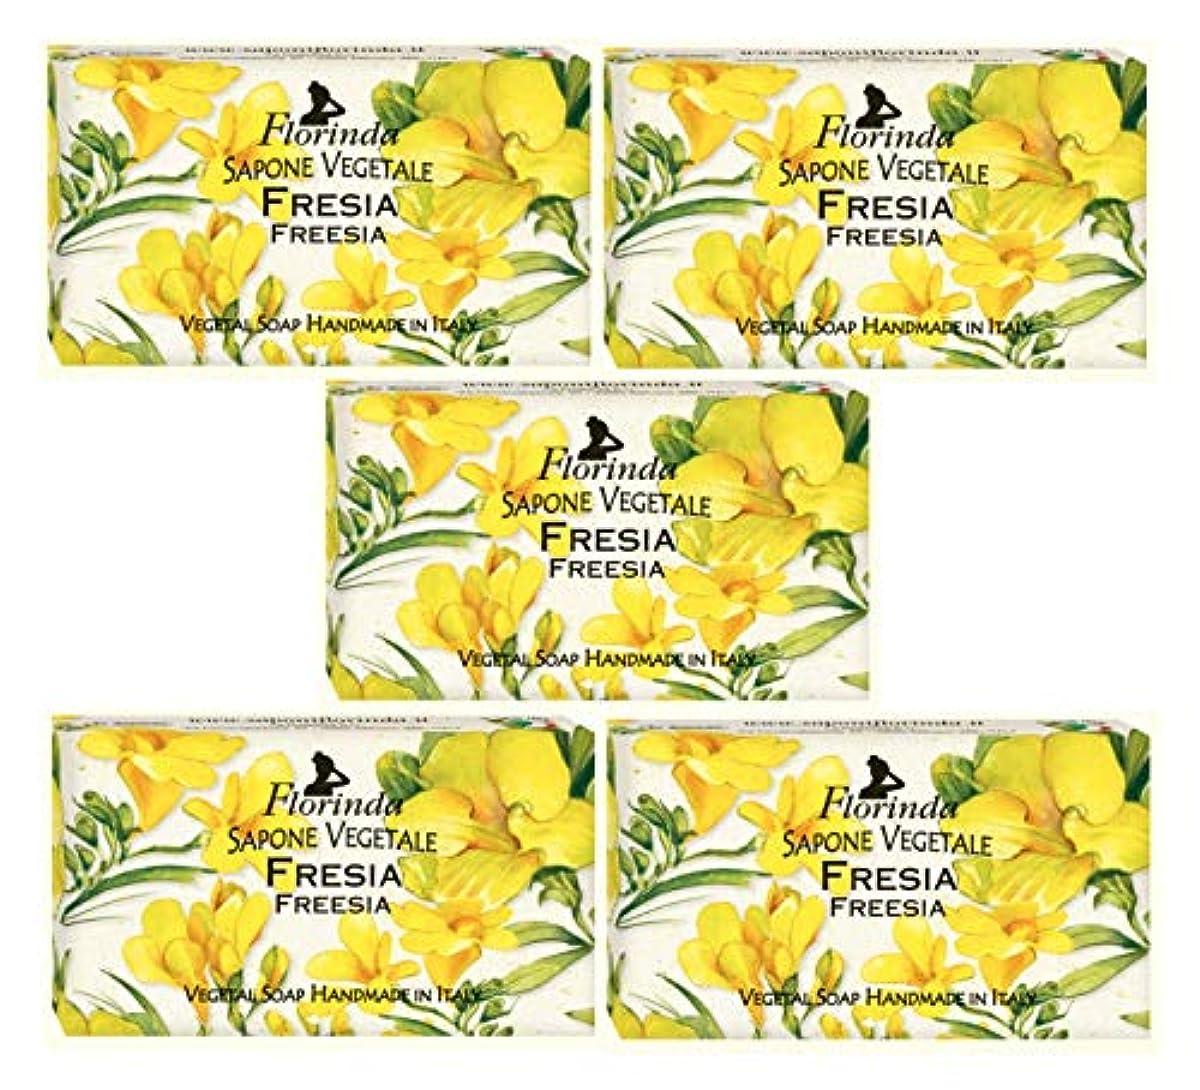 トロリー論争の的パイプラインフロリンダ フレグランスソープ 固形石けん 花の香り フリージア 95g×5個セット